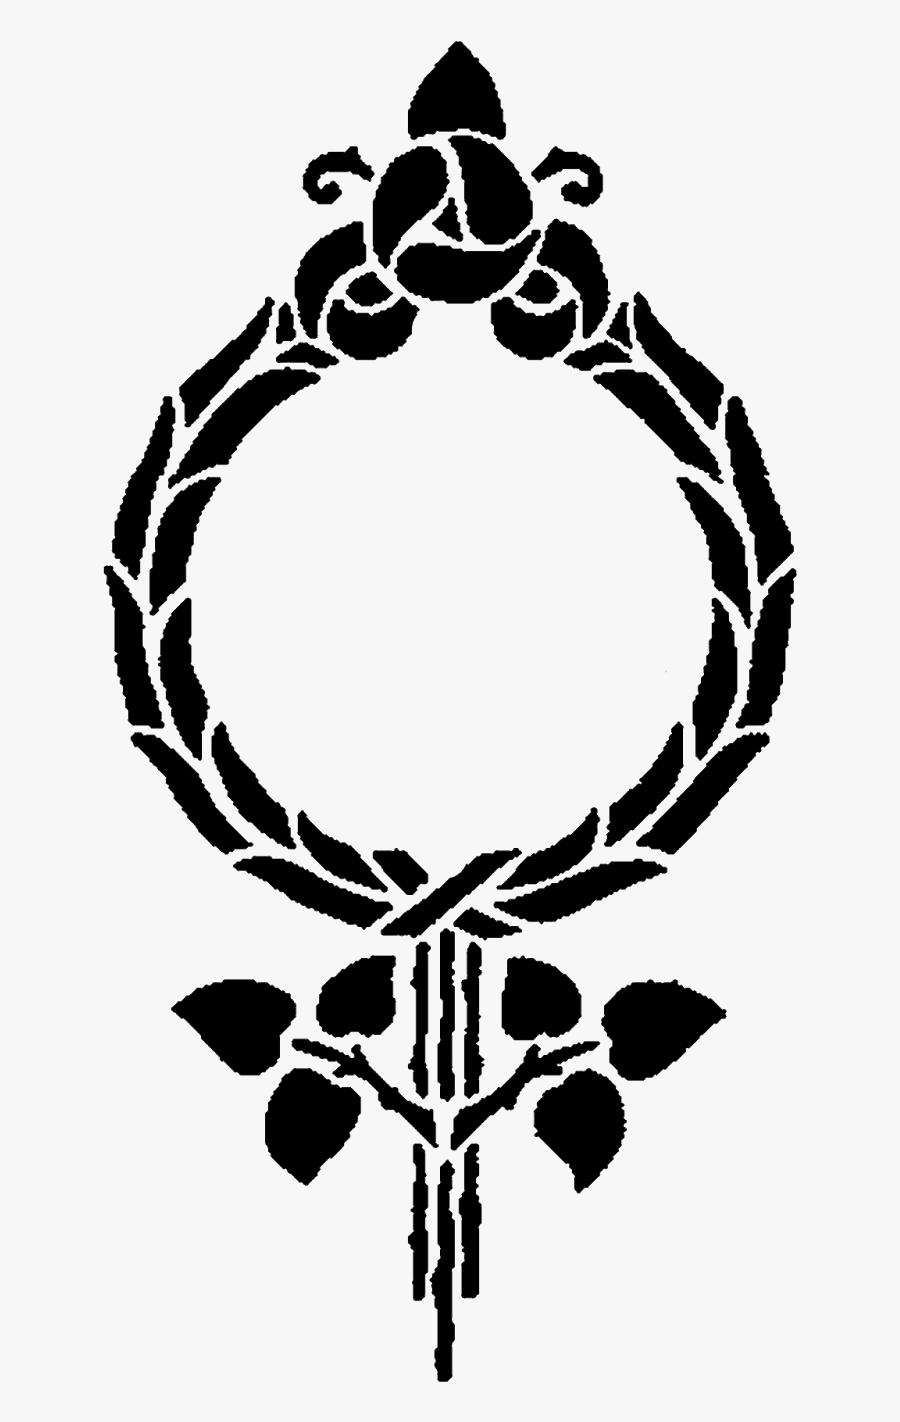 Digital Stamp Design Printable - Logo Frames Png, Transparent Clipart